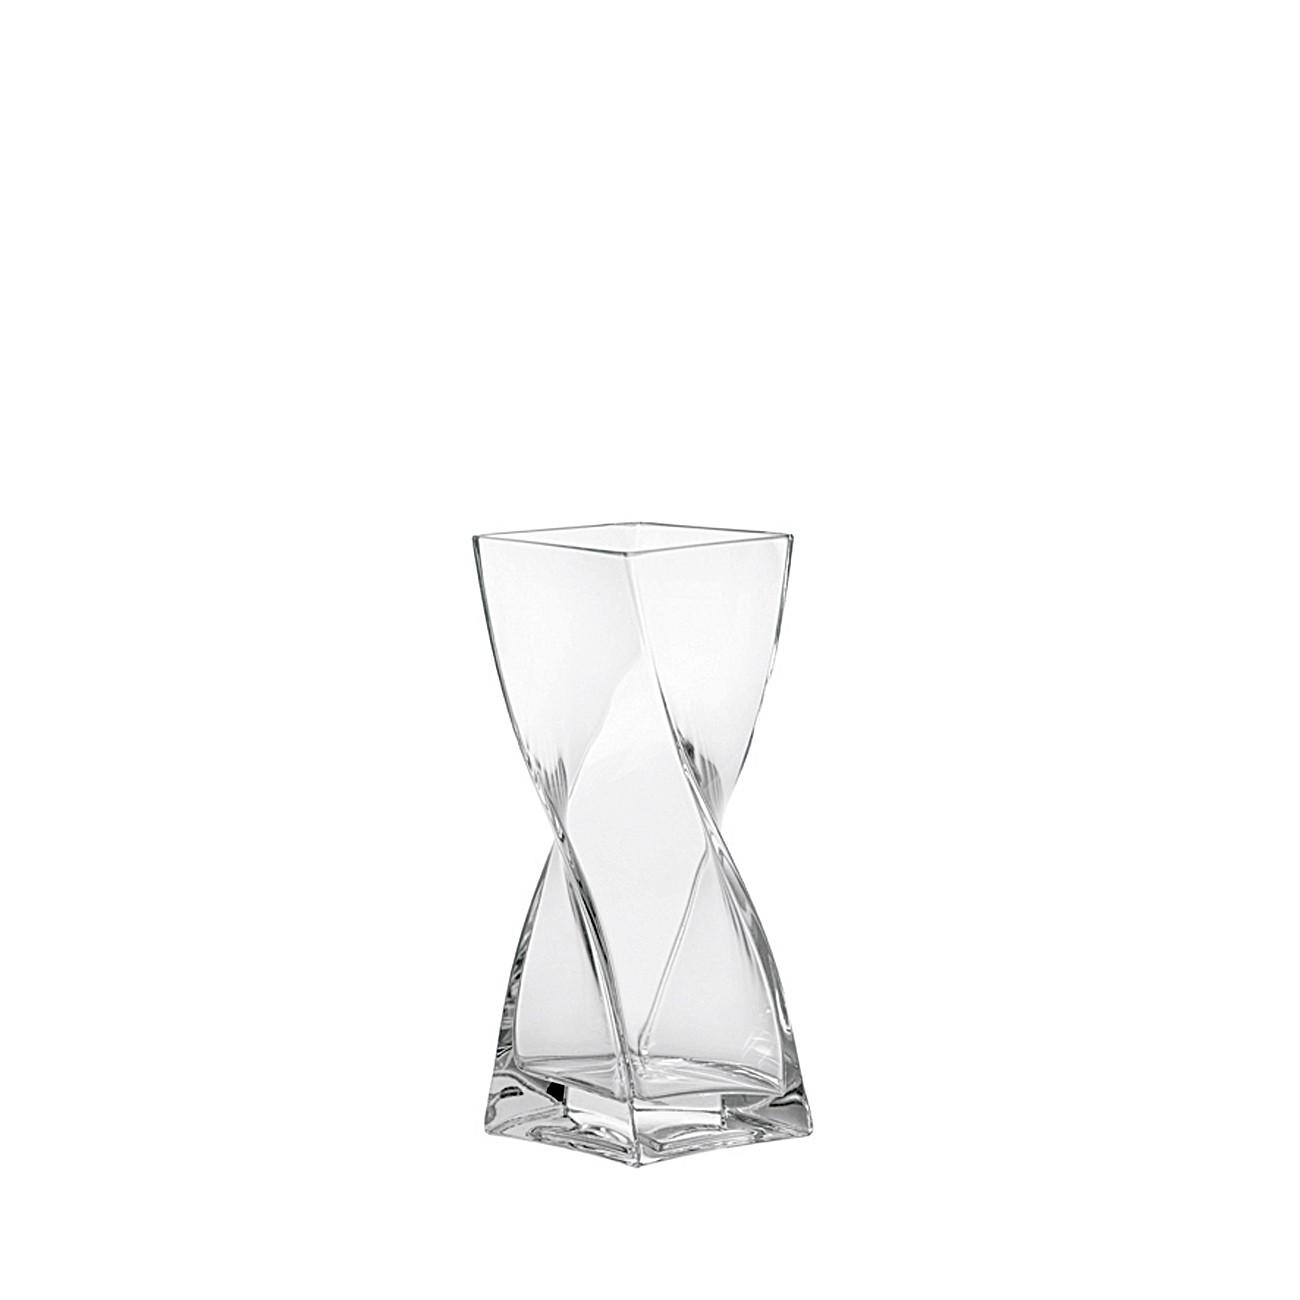 leonardo vase swirl aus glas gedreht schmal oder breit. Black Bedroom Furniture Sets. Home Design Ideas